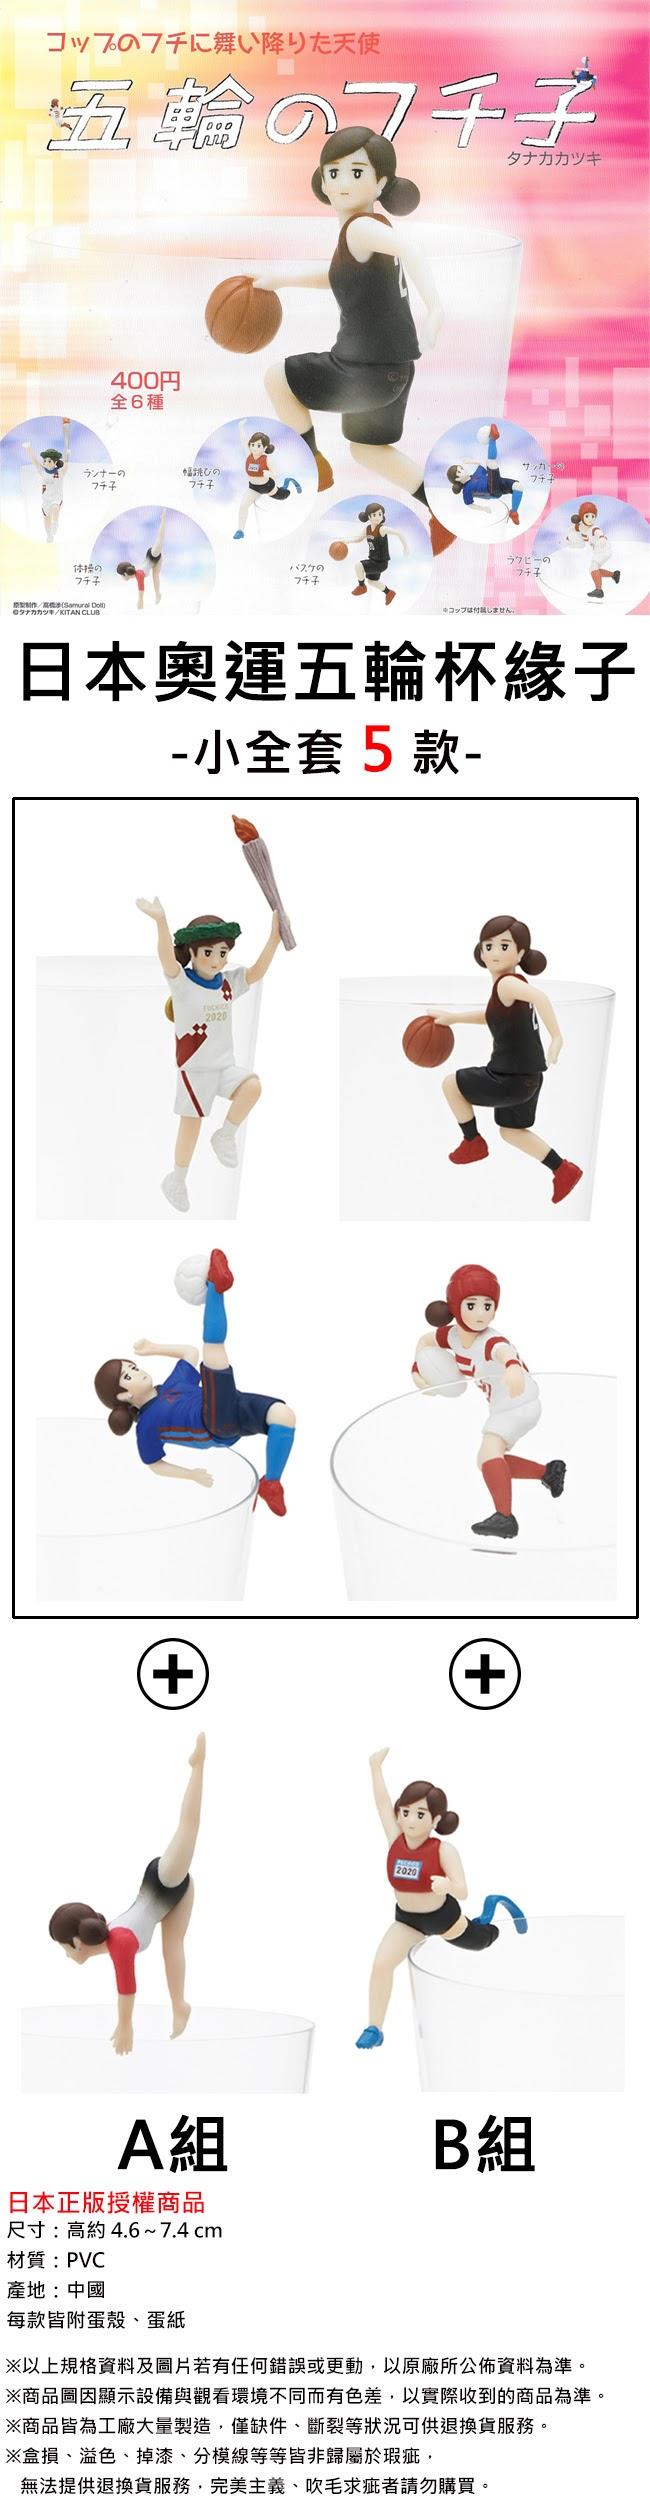 小全套5款 日本奧運五輪 杯緣子 扭蛋 轉蛋 杯緣子女孩 杯緣公仔 KITAN 奇譚 304913A 304913B